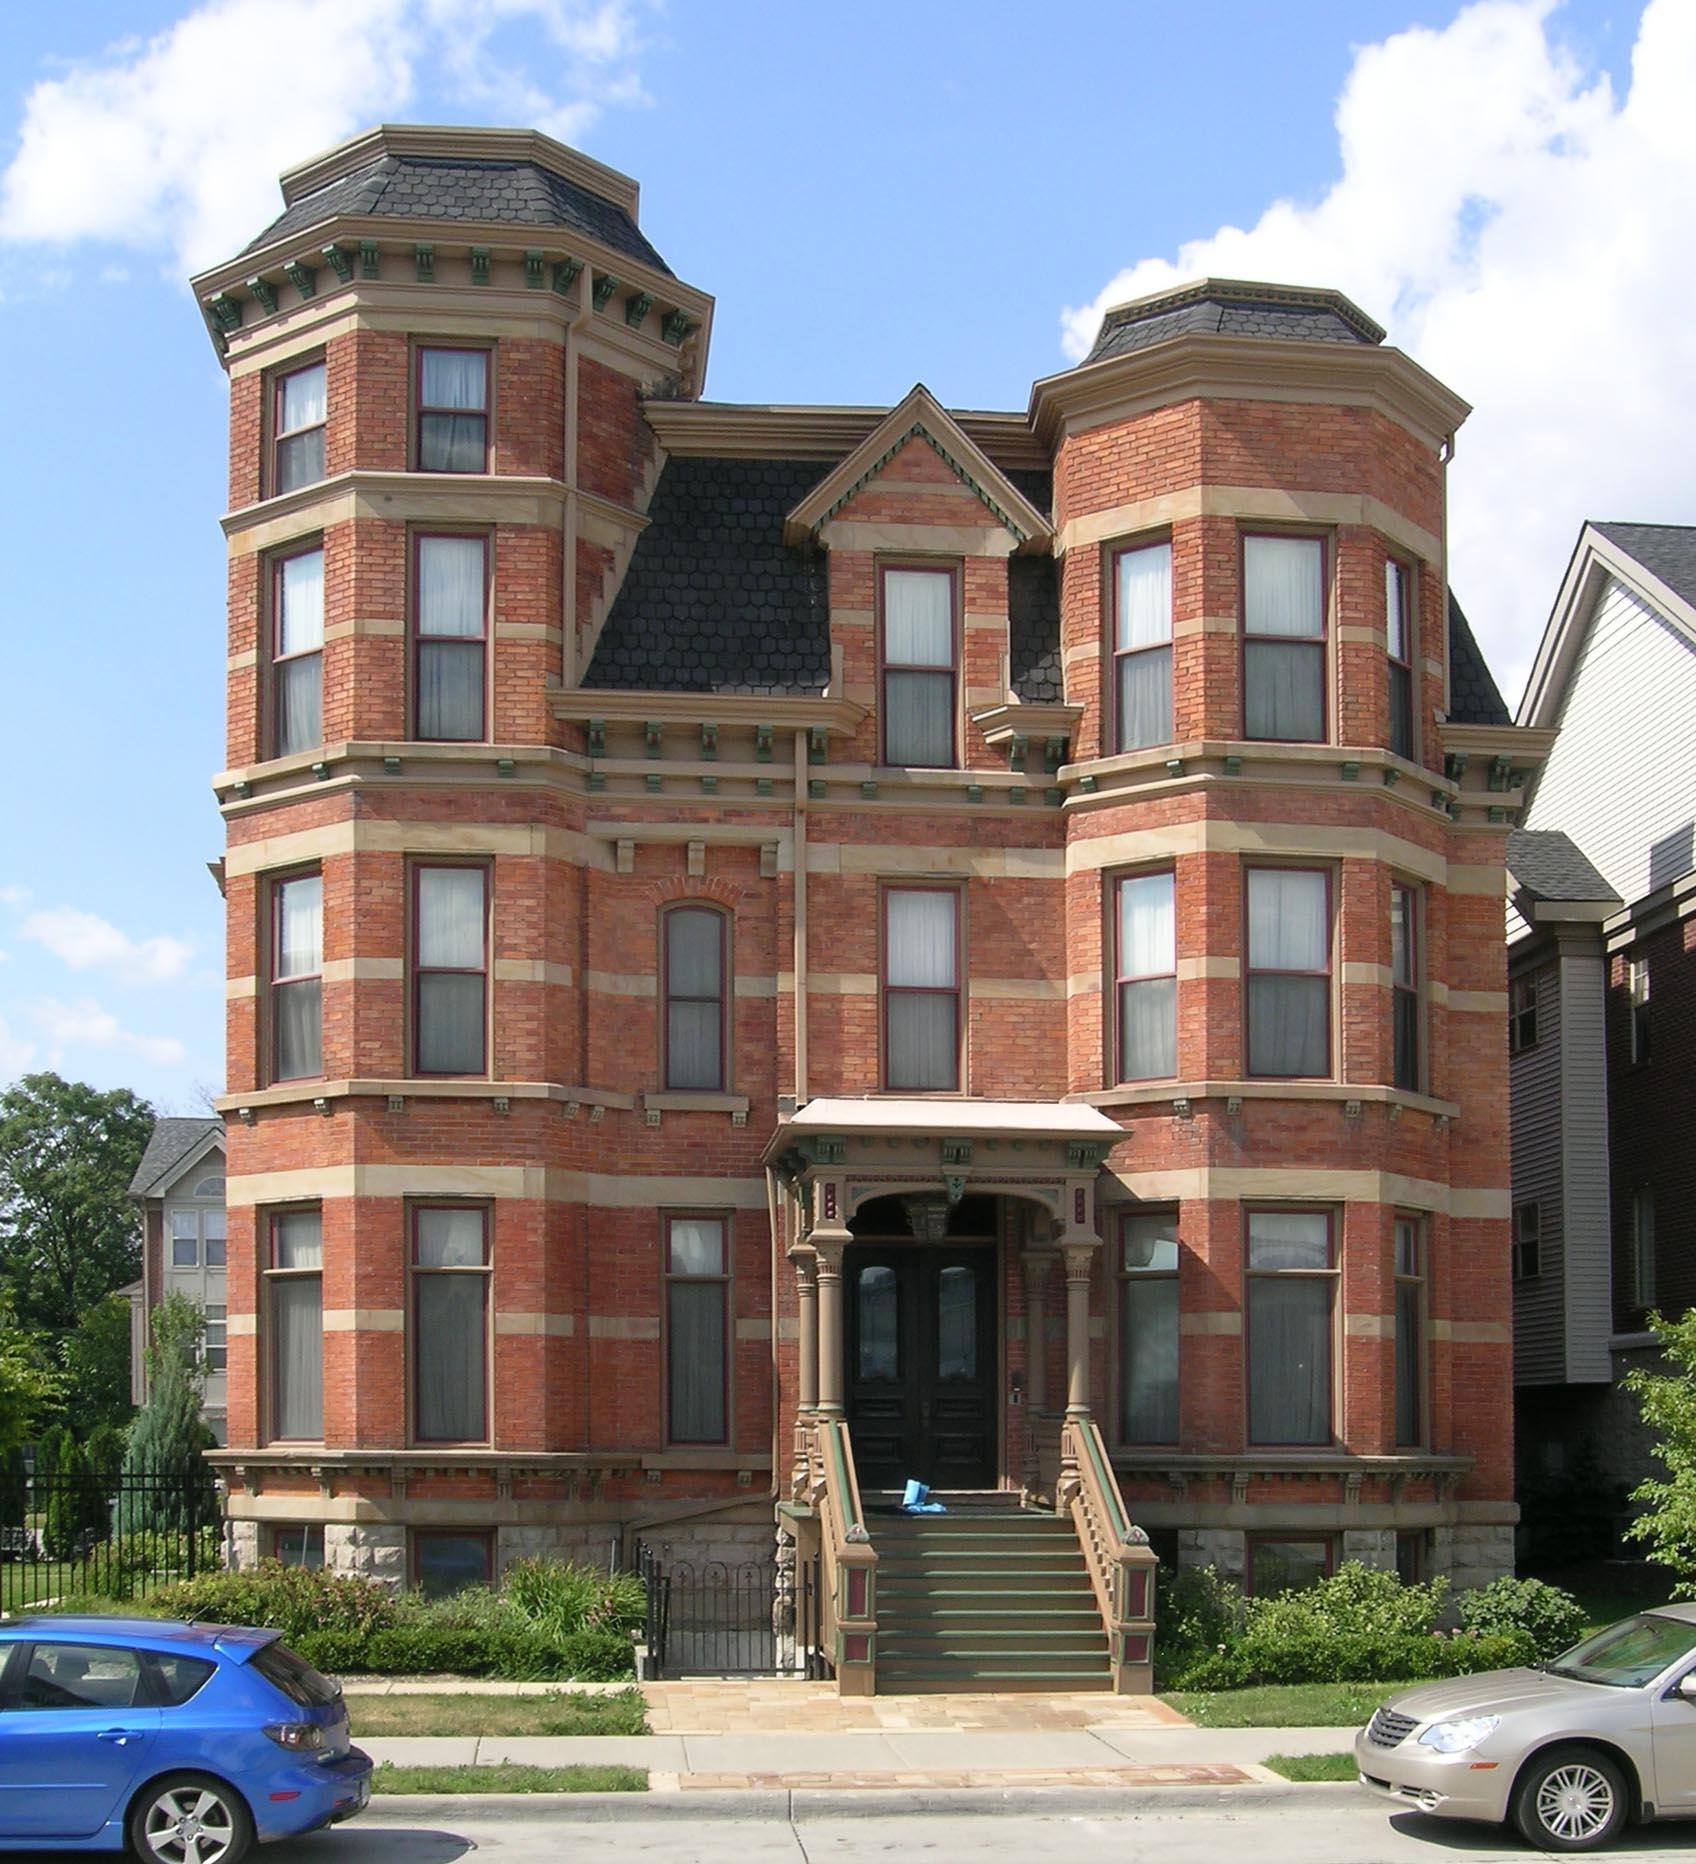 Inn At 97 Winder Detroit Michigan Wikipedia